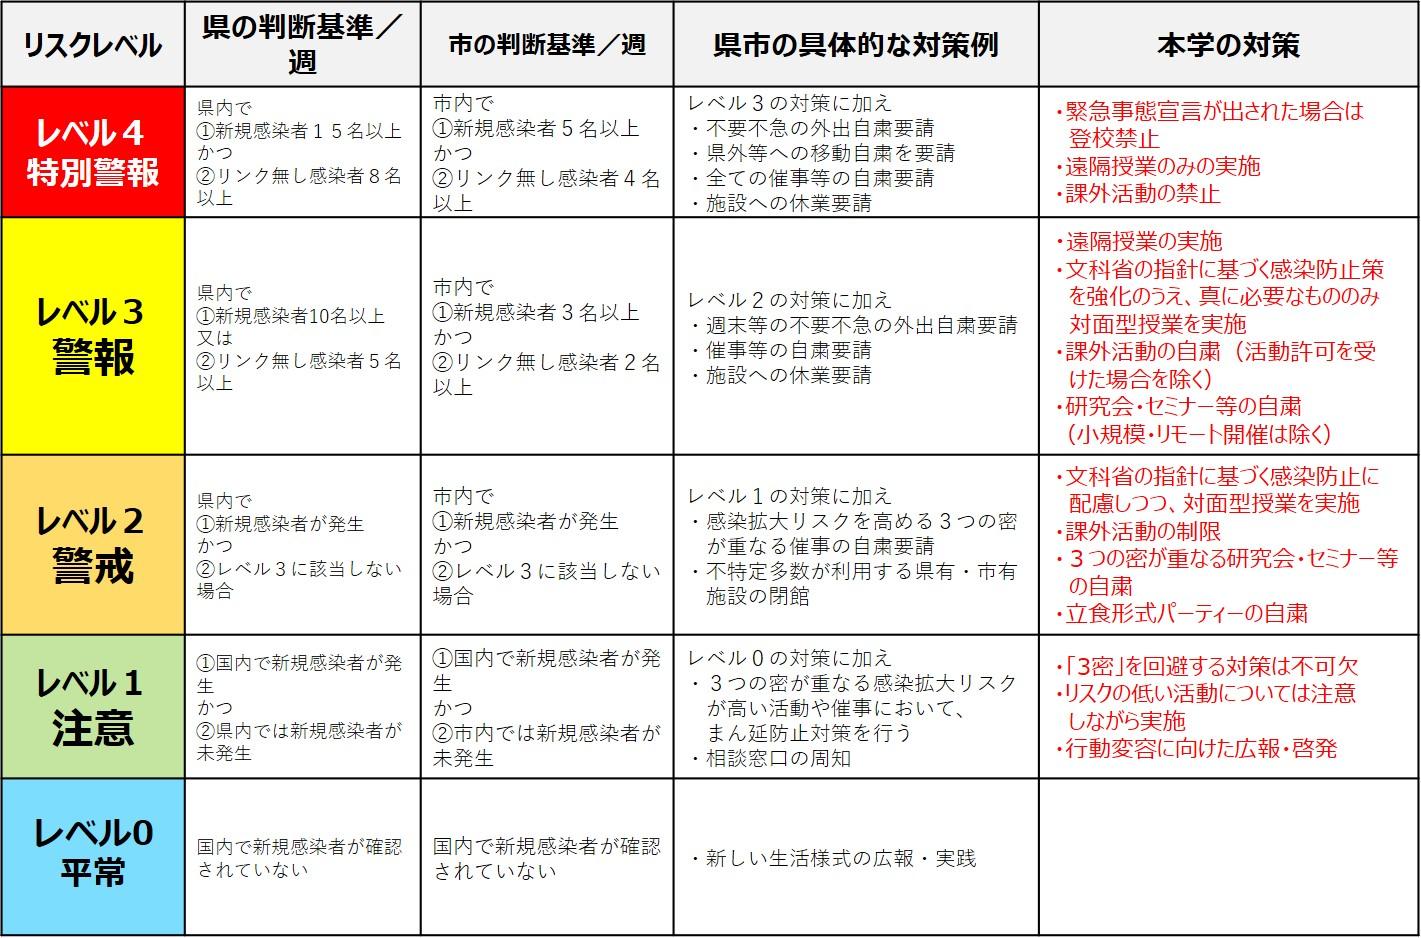 熊本 県 症 ウイルス 新型 コロナ 感染